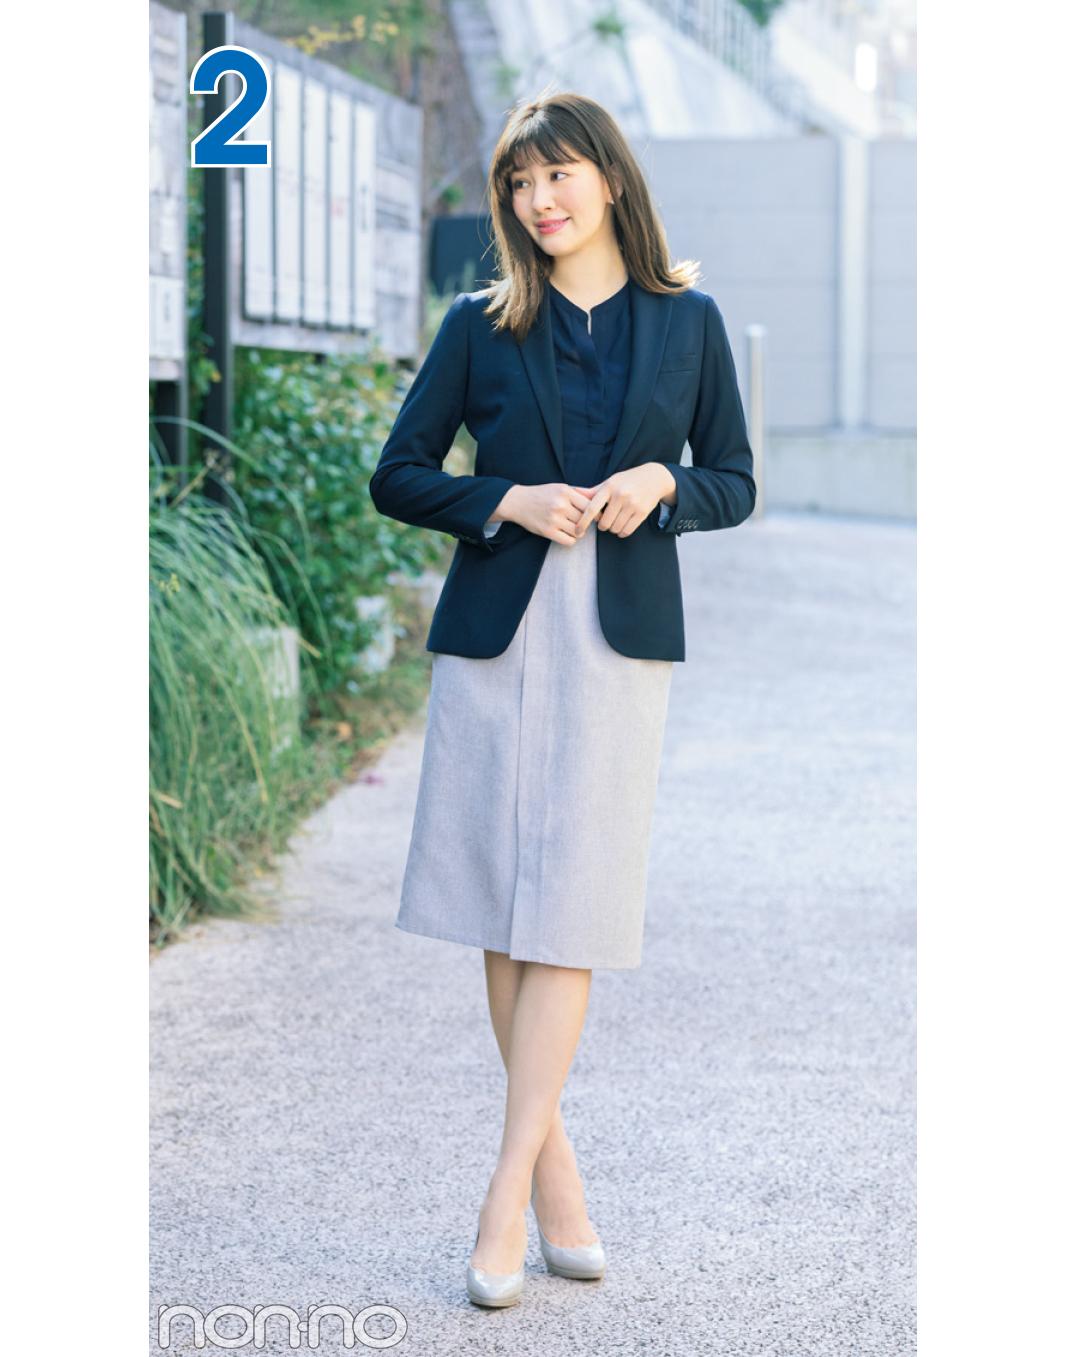 堅めオフィスできちんと見えスカート着回し☆毎日使えるタイトスカート4選!_1_3-1